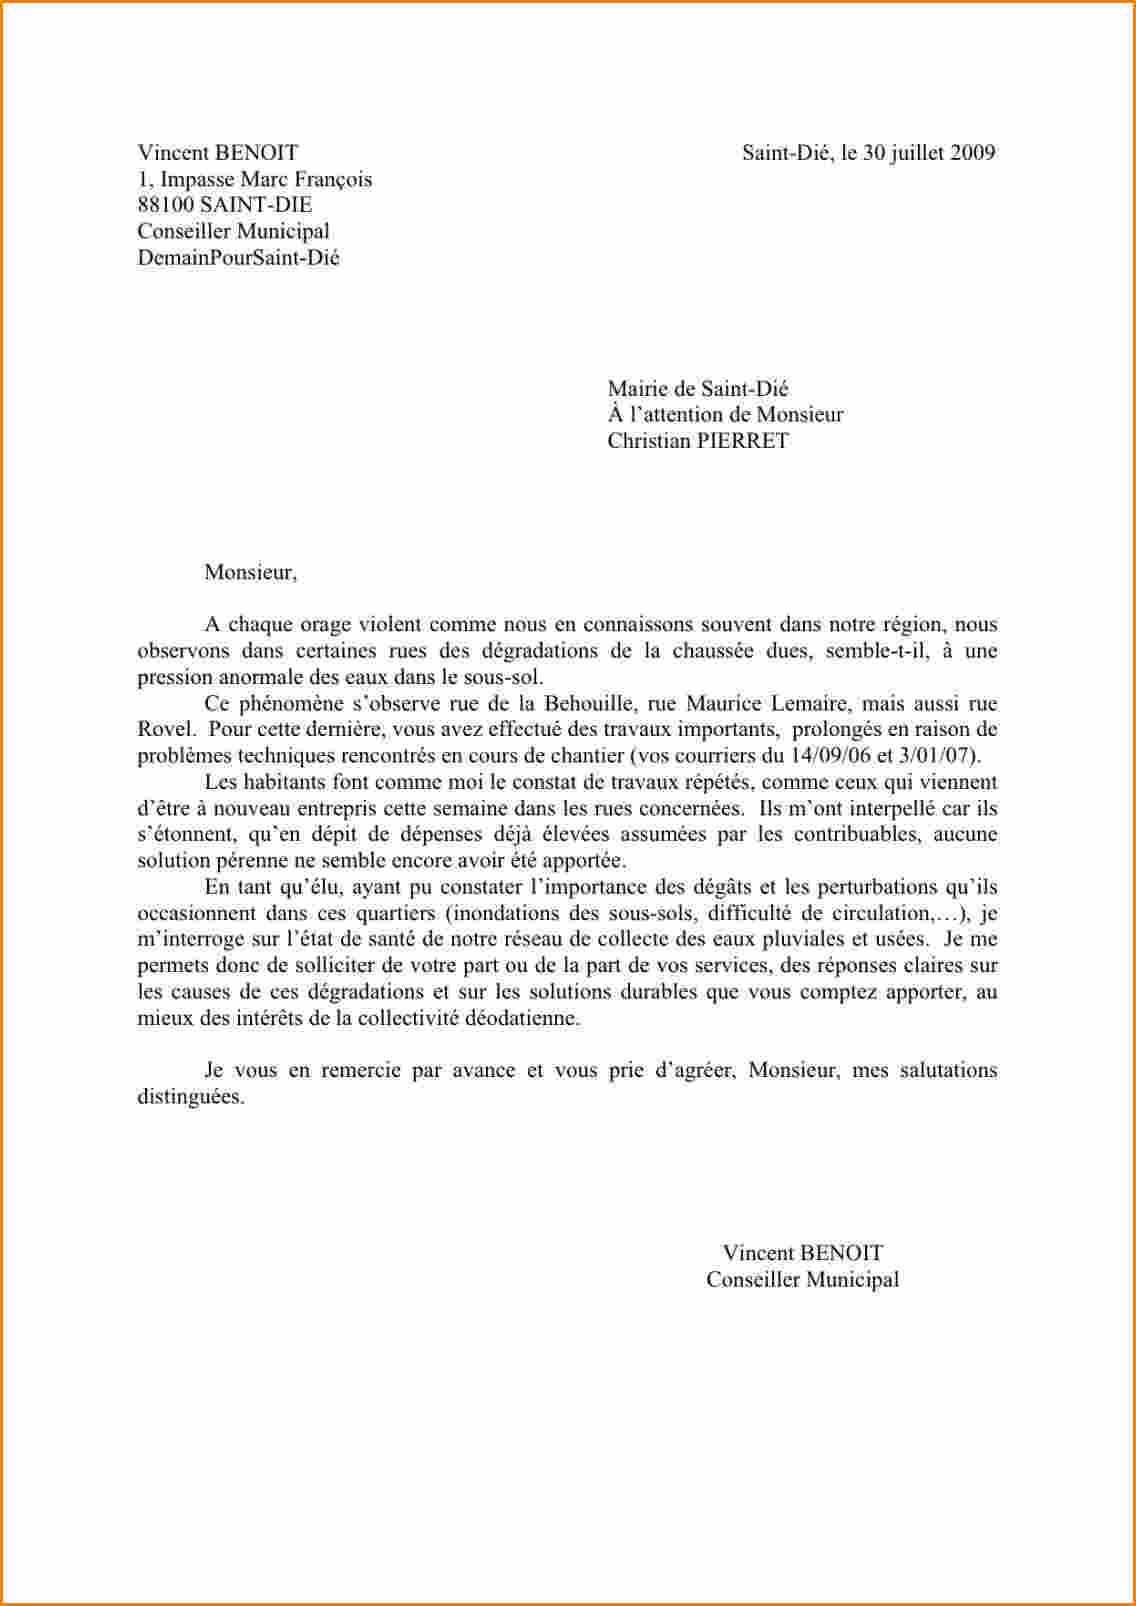 lettre de motivation interim sans experience